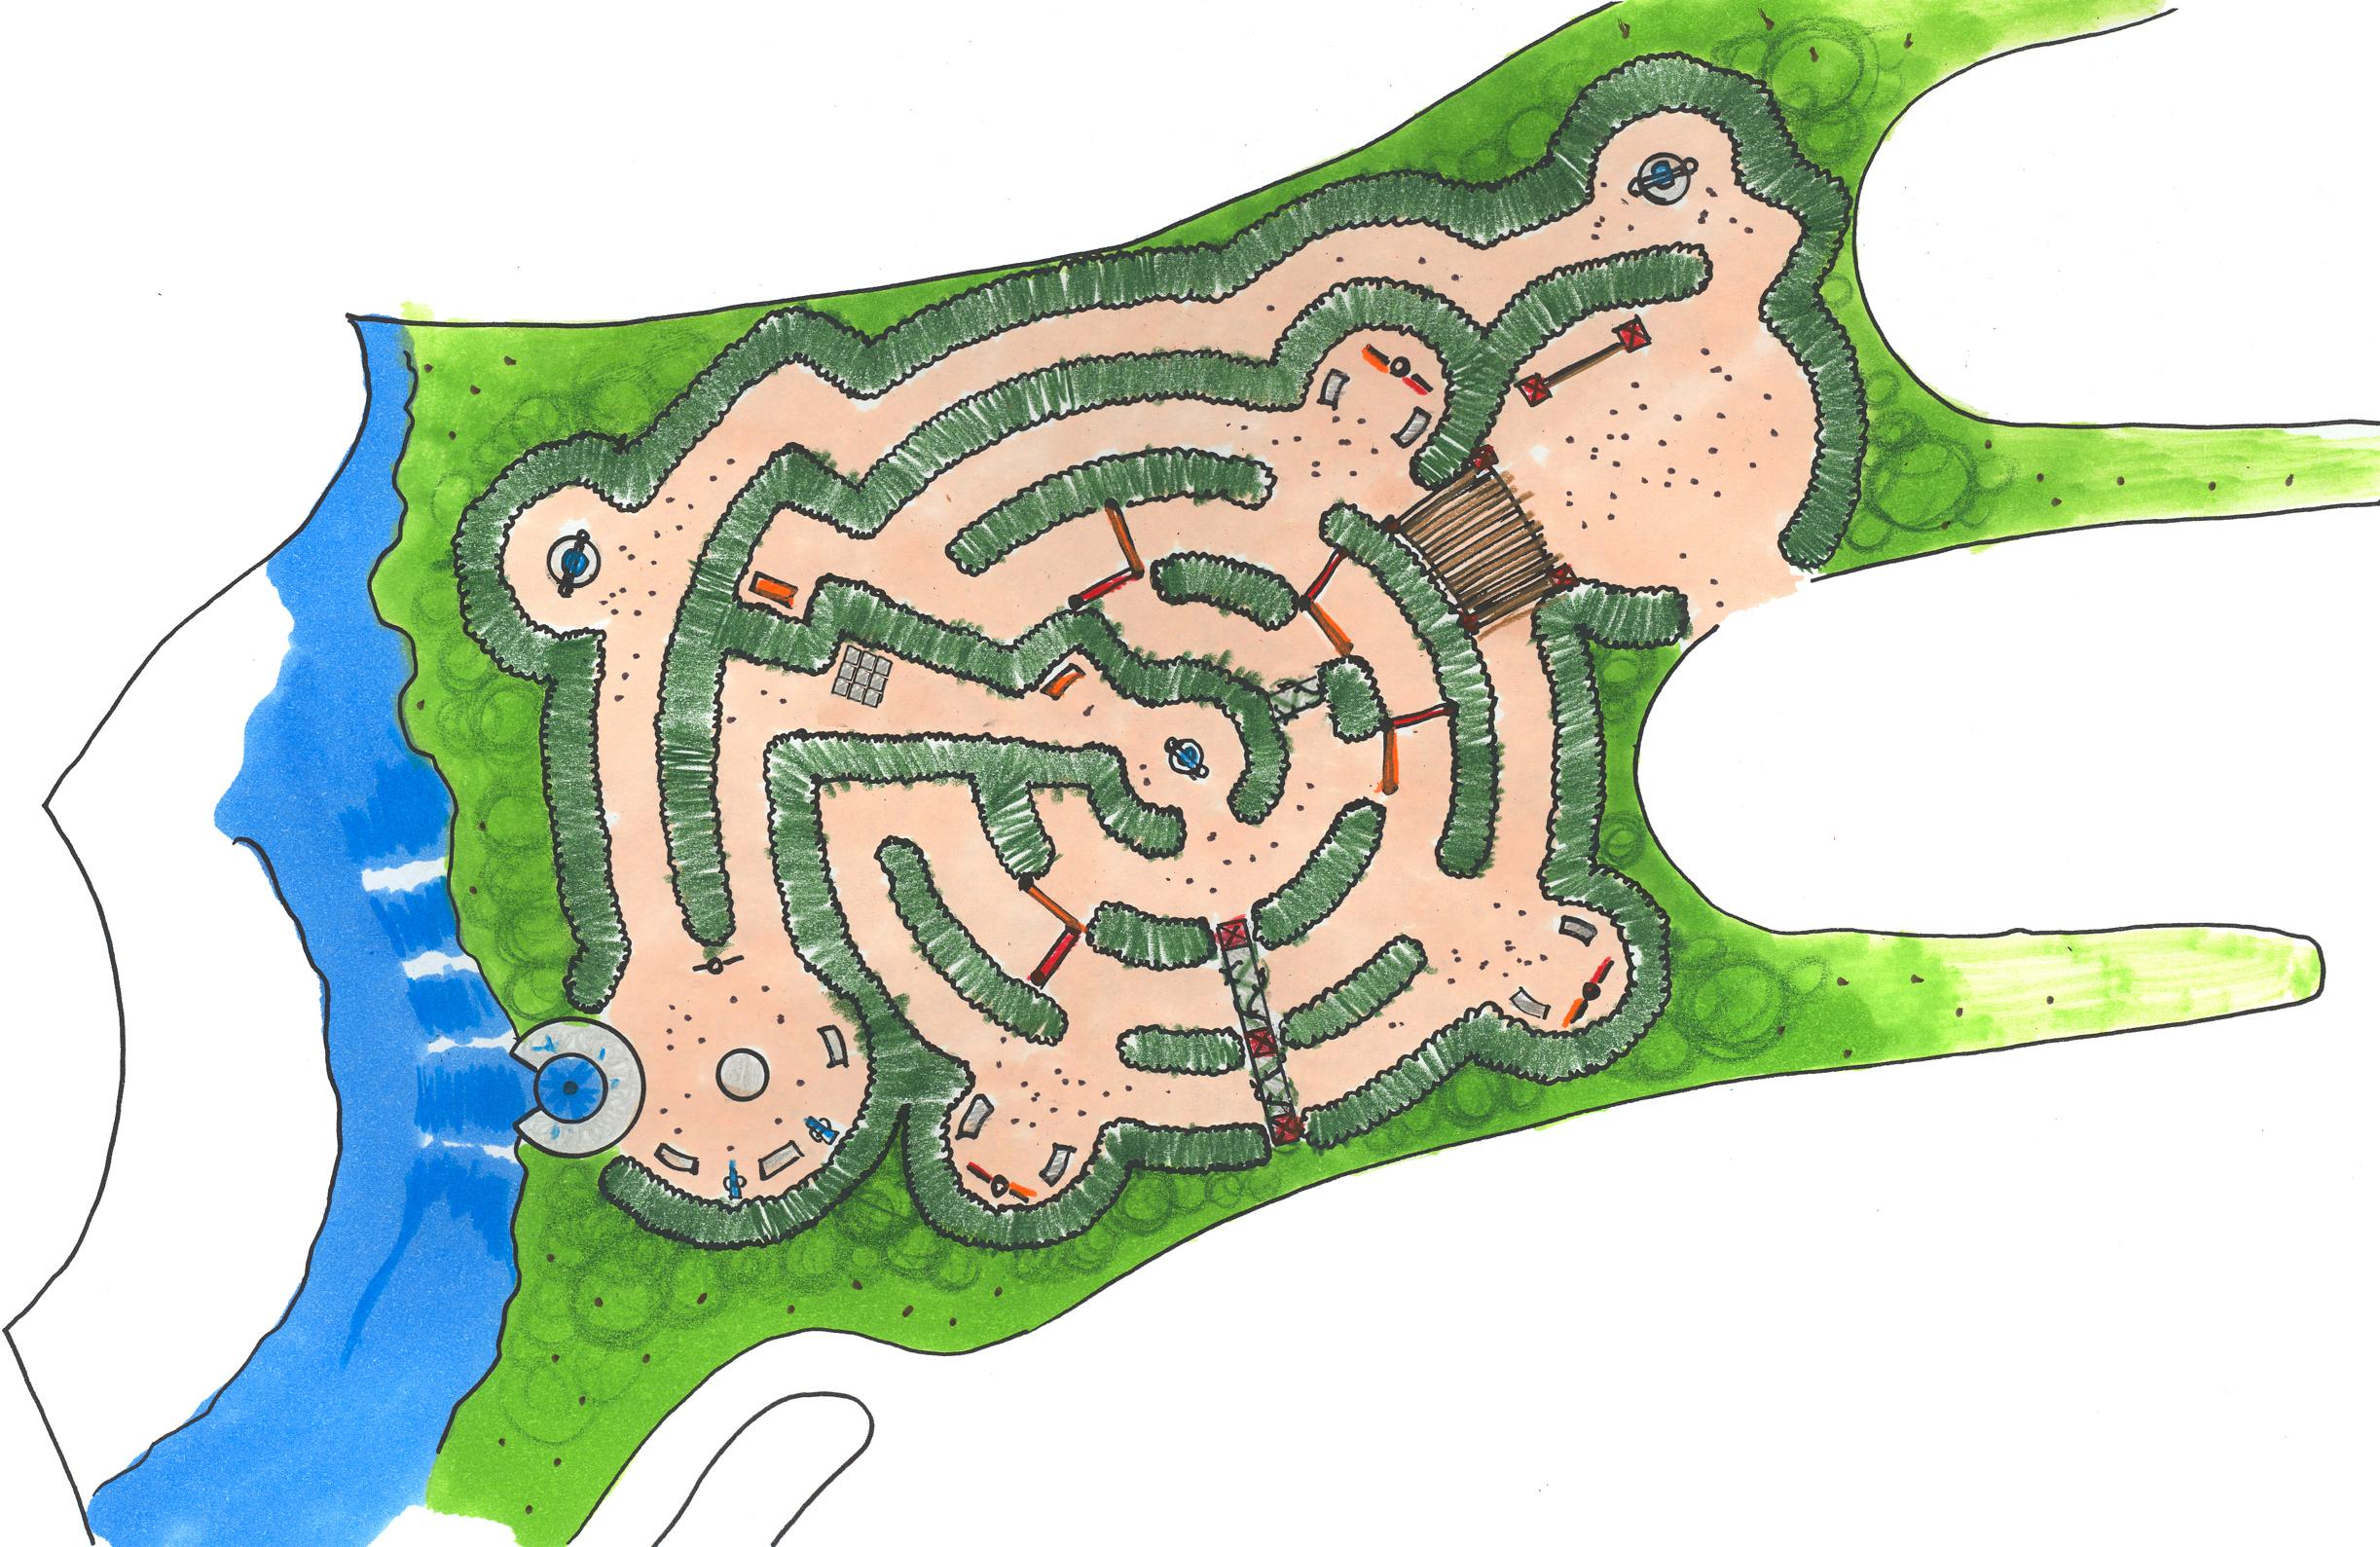 13-jrhutchjr-DABS-landscapedesign-aerial-02.jpg